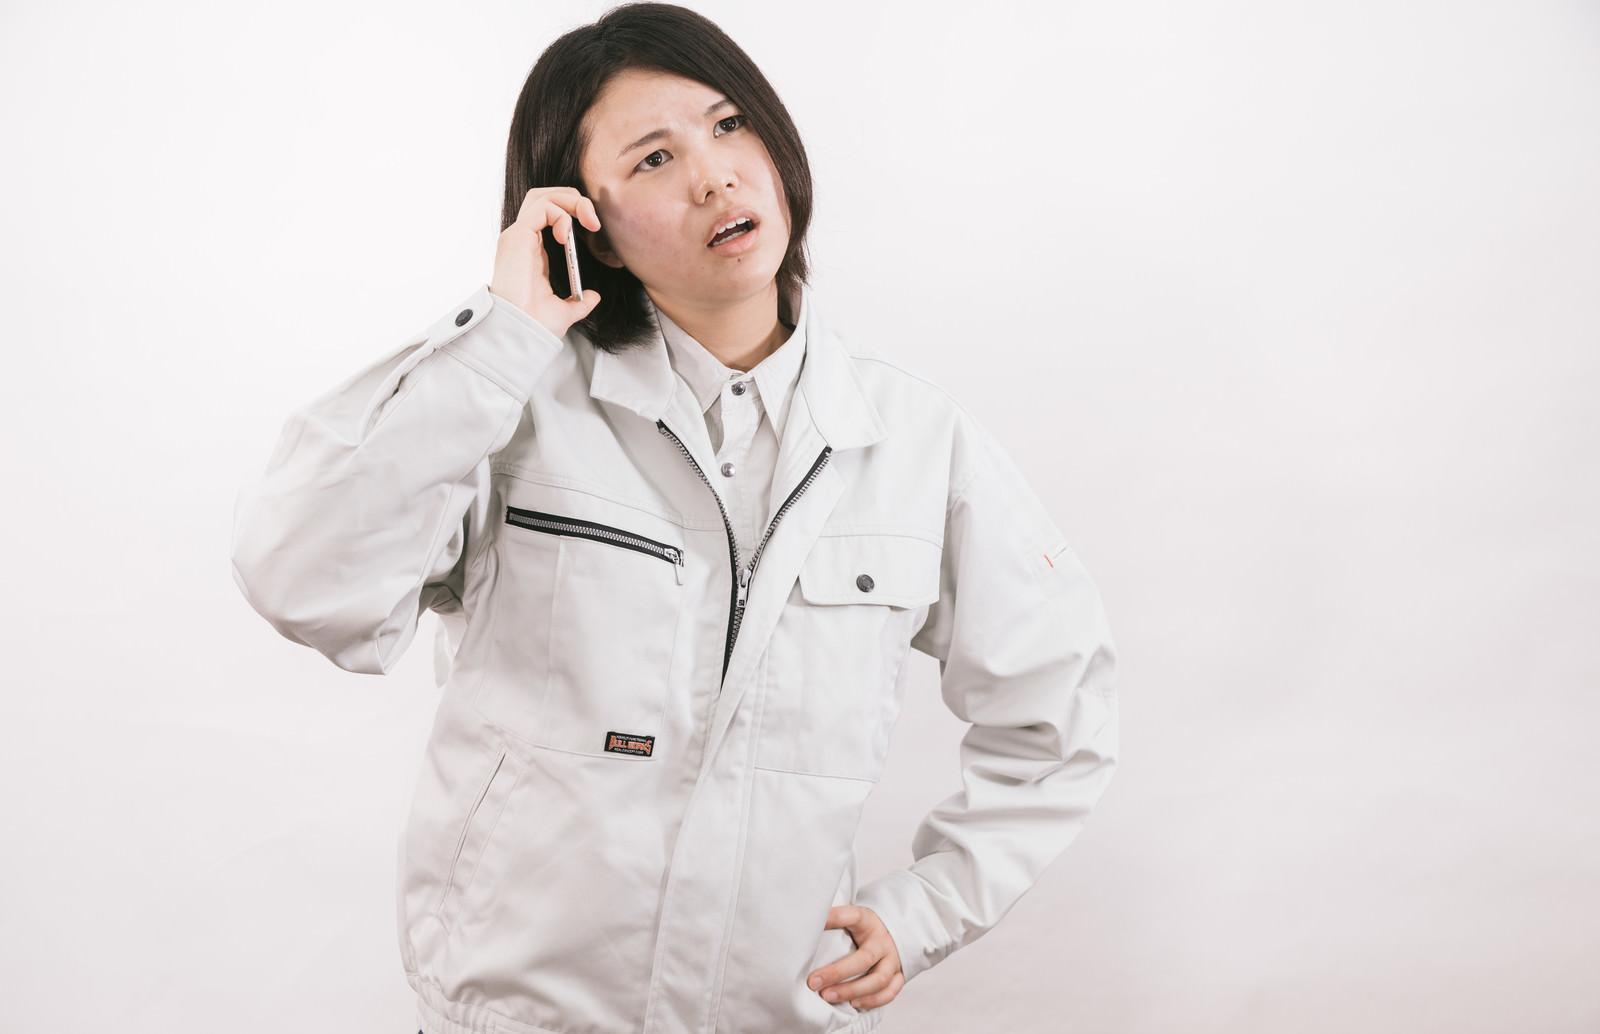 「納期遅れて電話越しに怒鳴る現場監督(女性)」[モデル:佐竹PP]